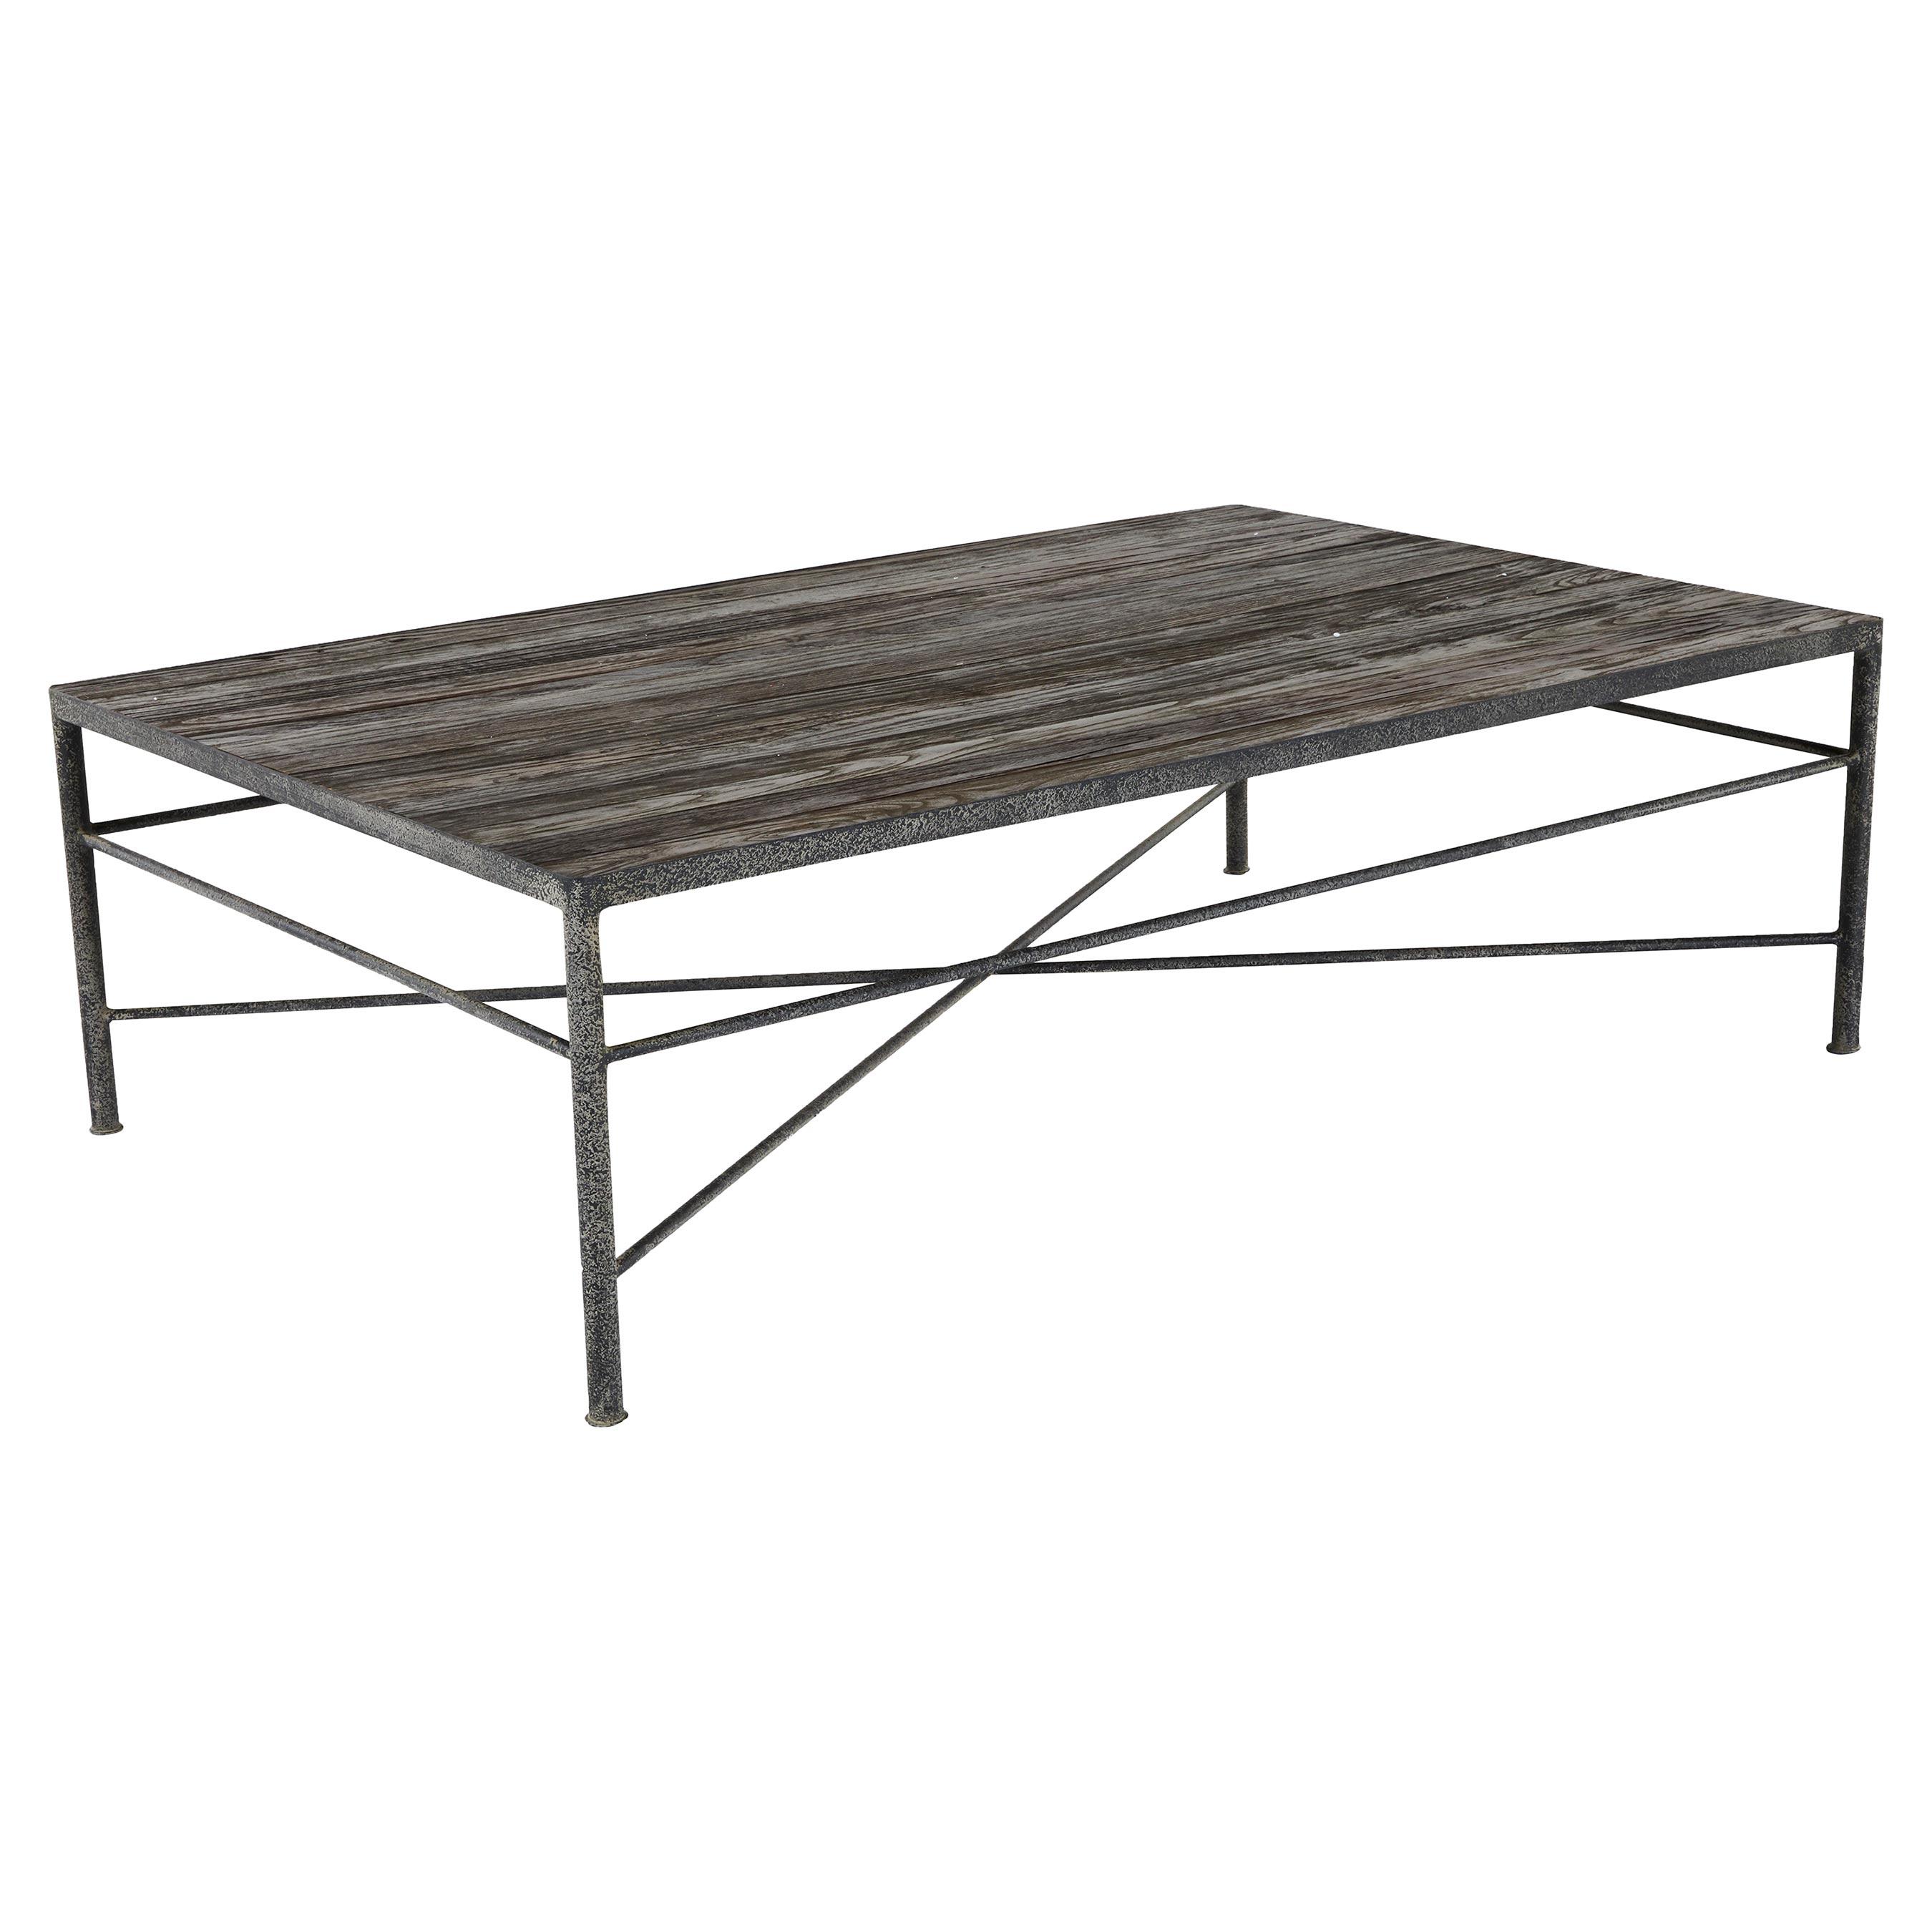 Isabelle Reclaimed Wood Metal Modern Rustic Coffee Table